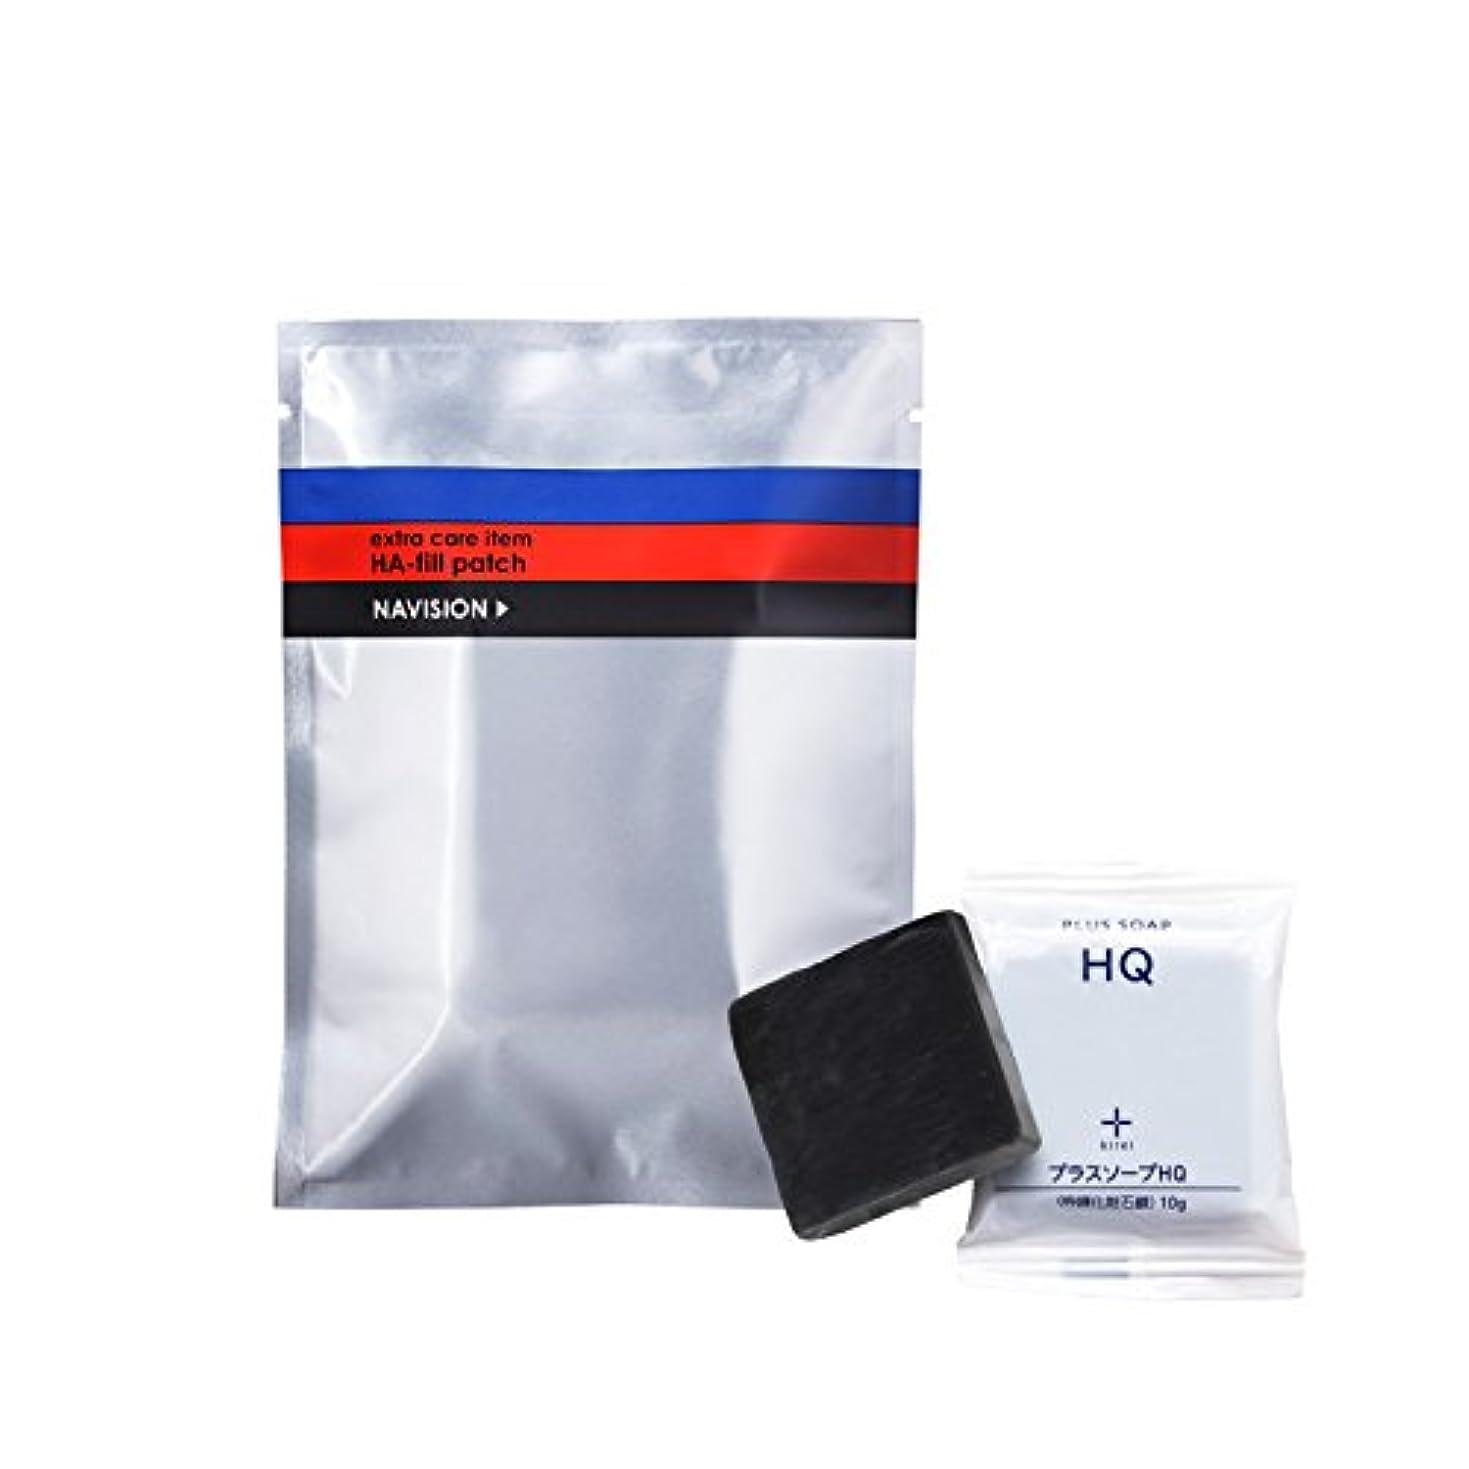 育成動作解任ナビジョン NAVISION HAフィルパッチ(2枚×3包入) + プラスキレイ プラスソープHQミニ